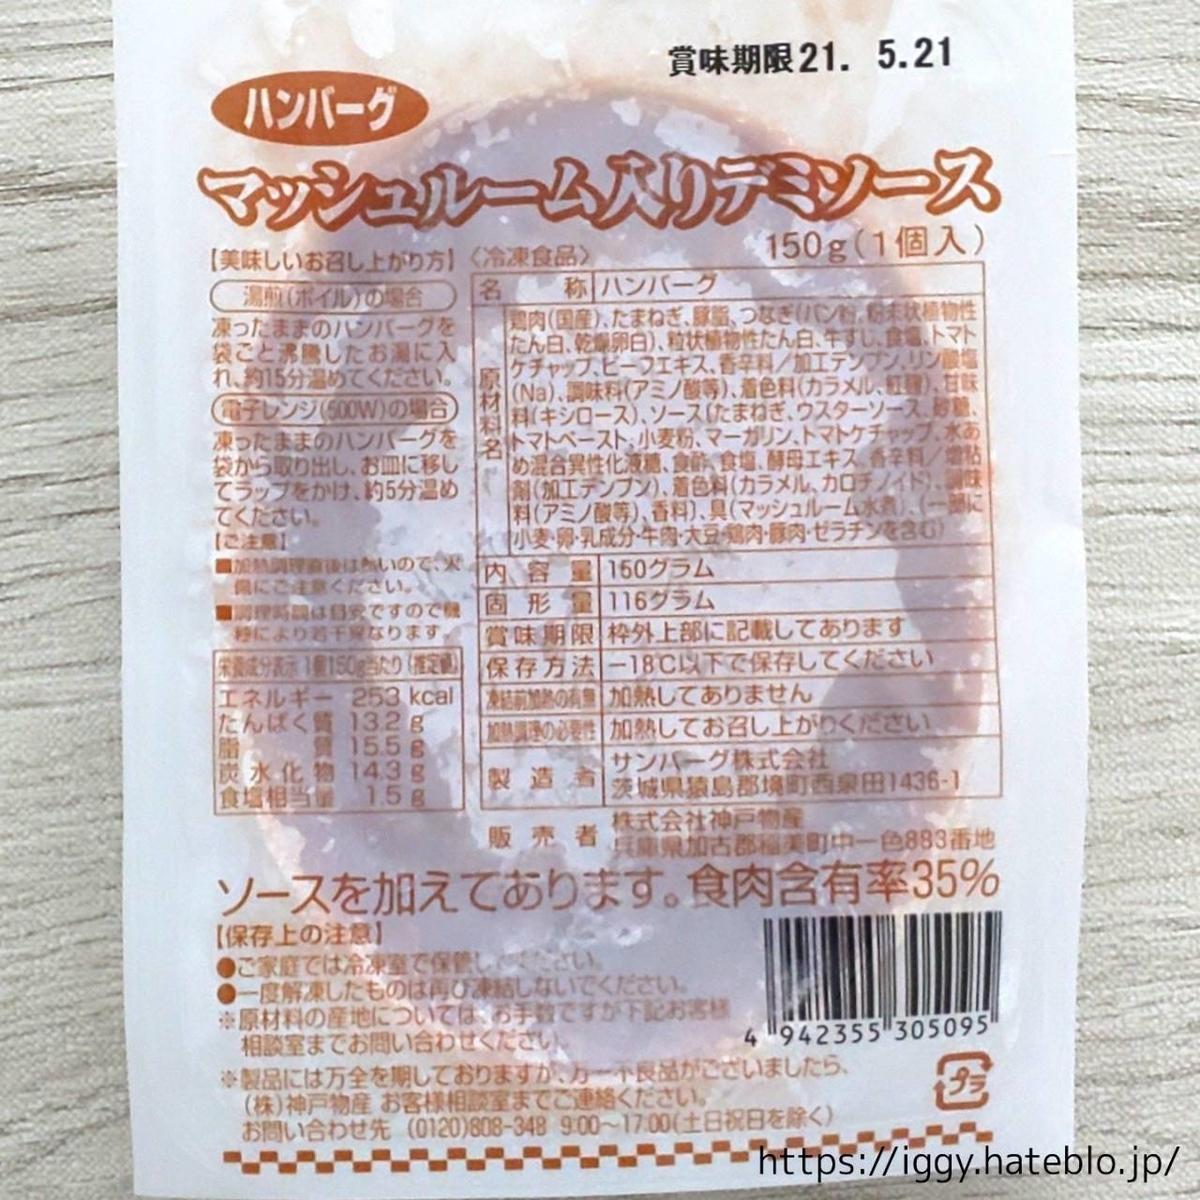 業務スーパー  冷凍食品 ハンバーグ マッシュルーム入りデミソース パッケージ表 LIFE